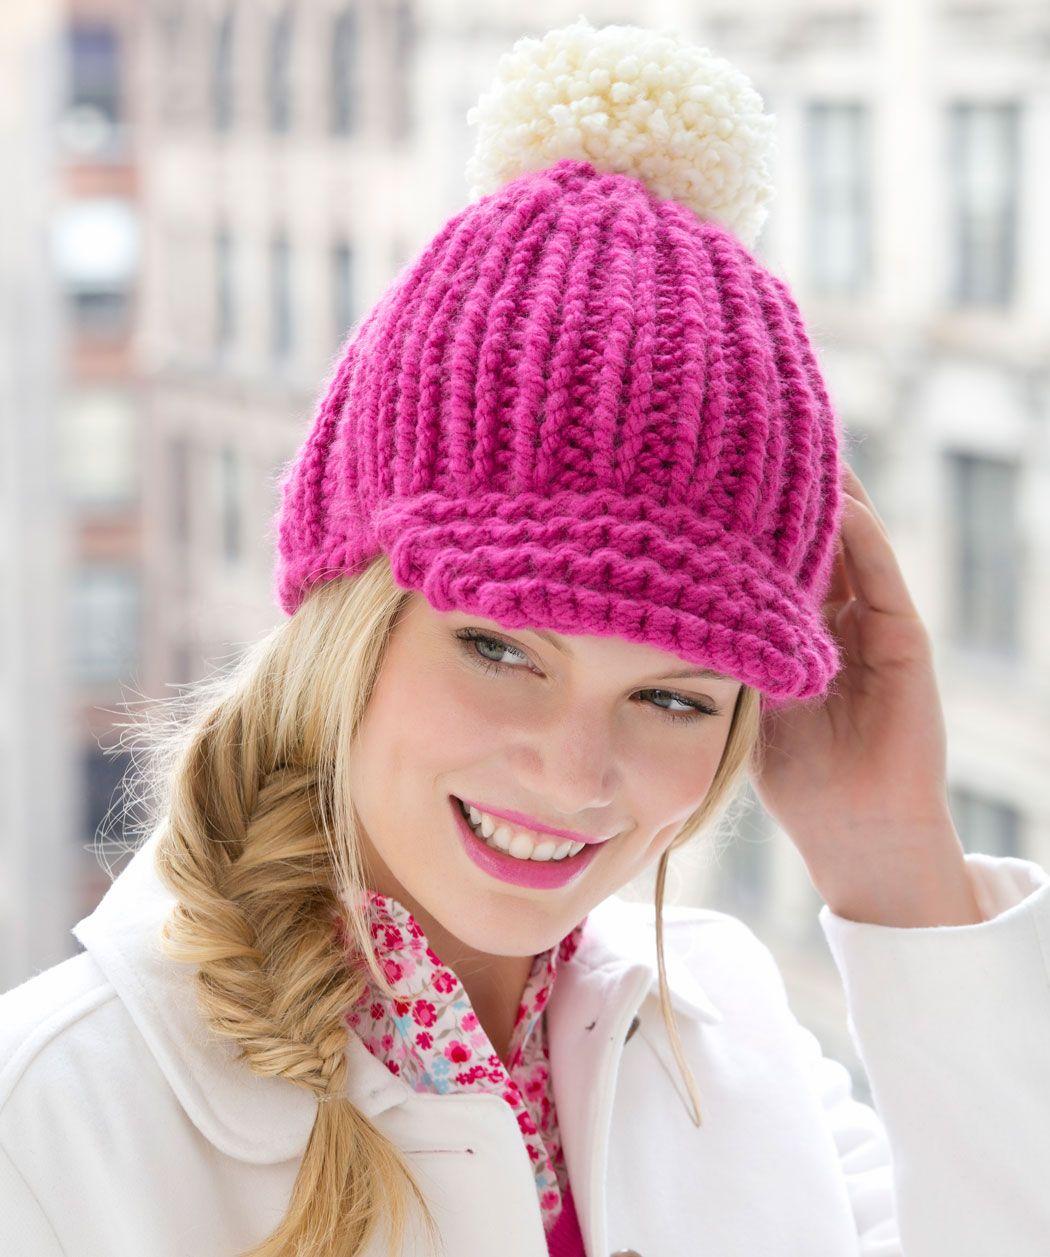 Rippenmütze mit Schild Gratis Strickmuster | Hats | Pinterest ...